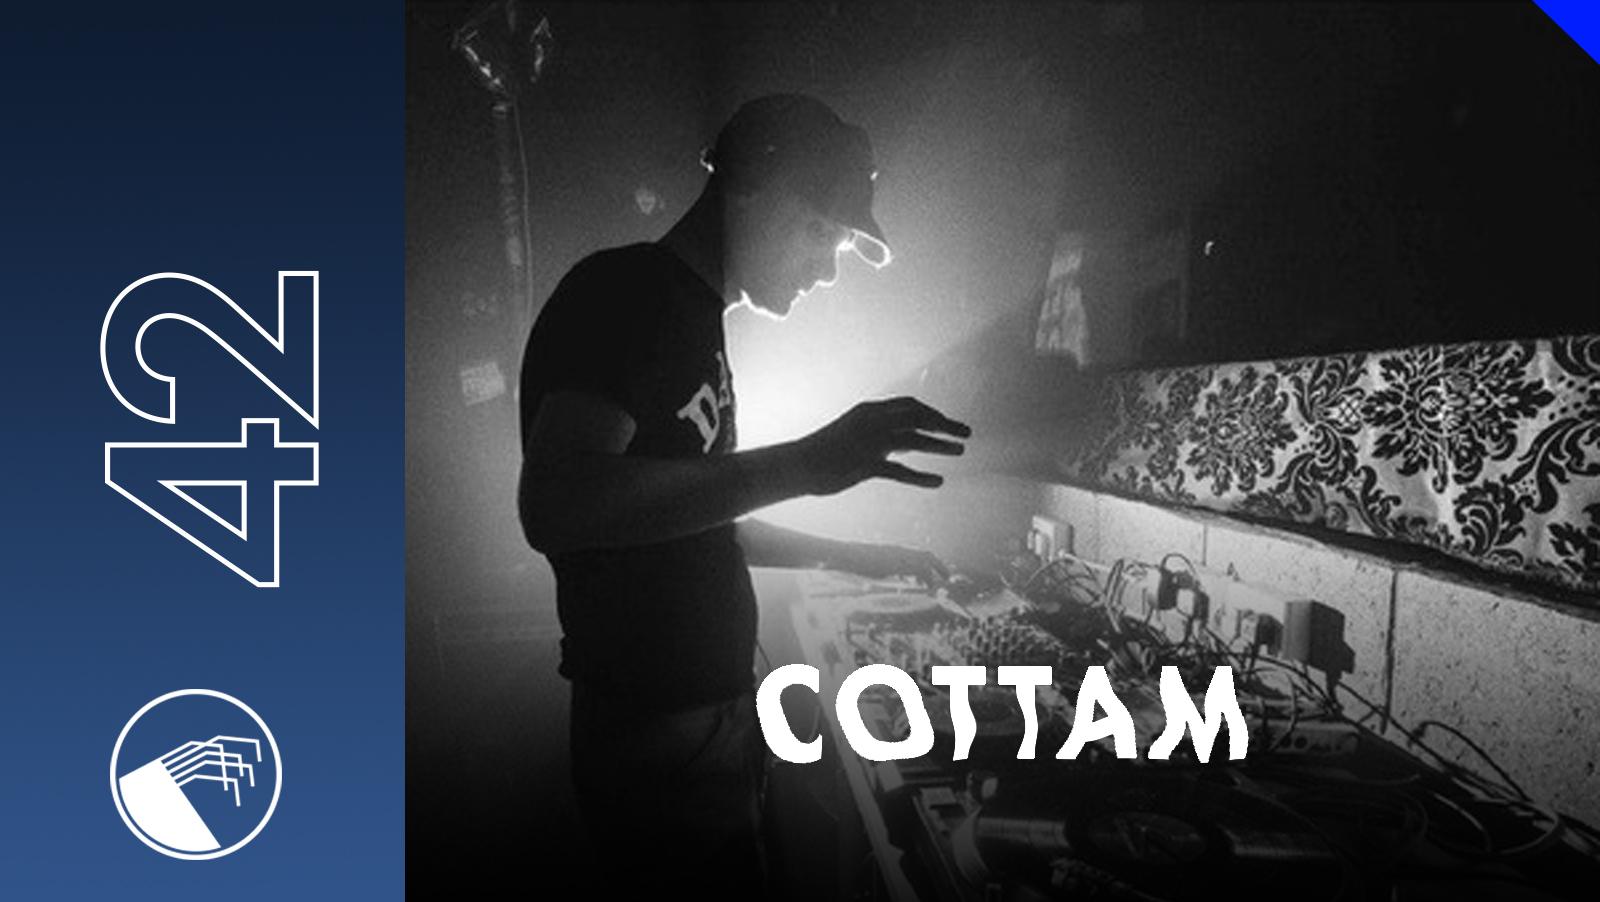 042 Cottam